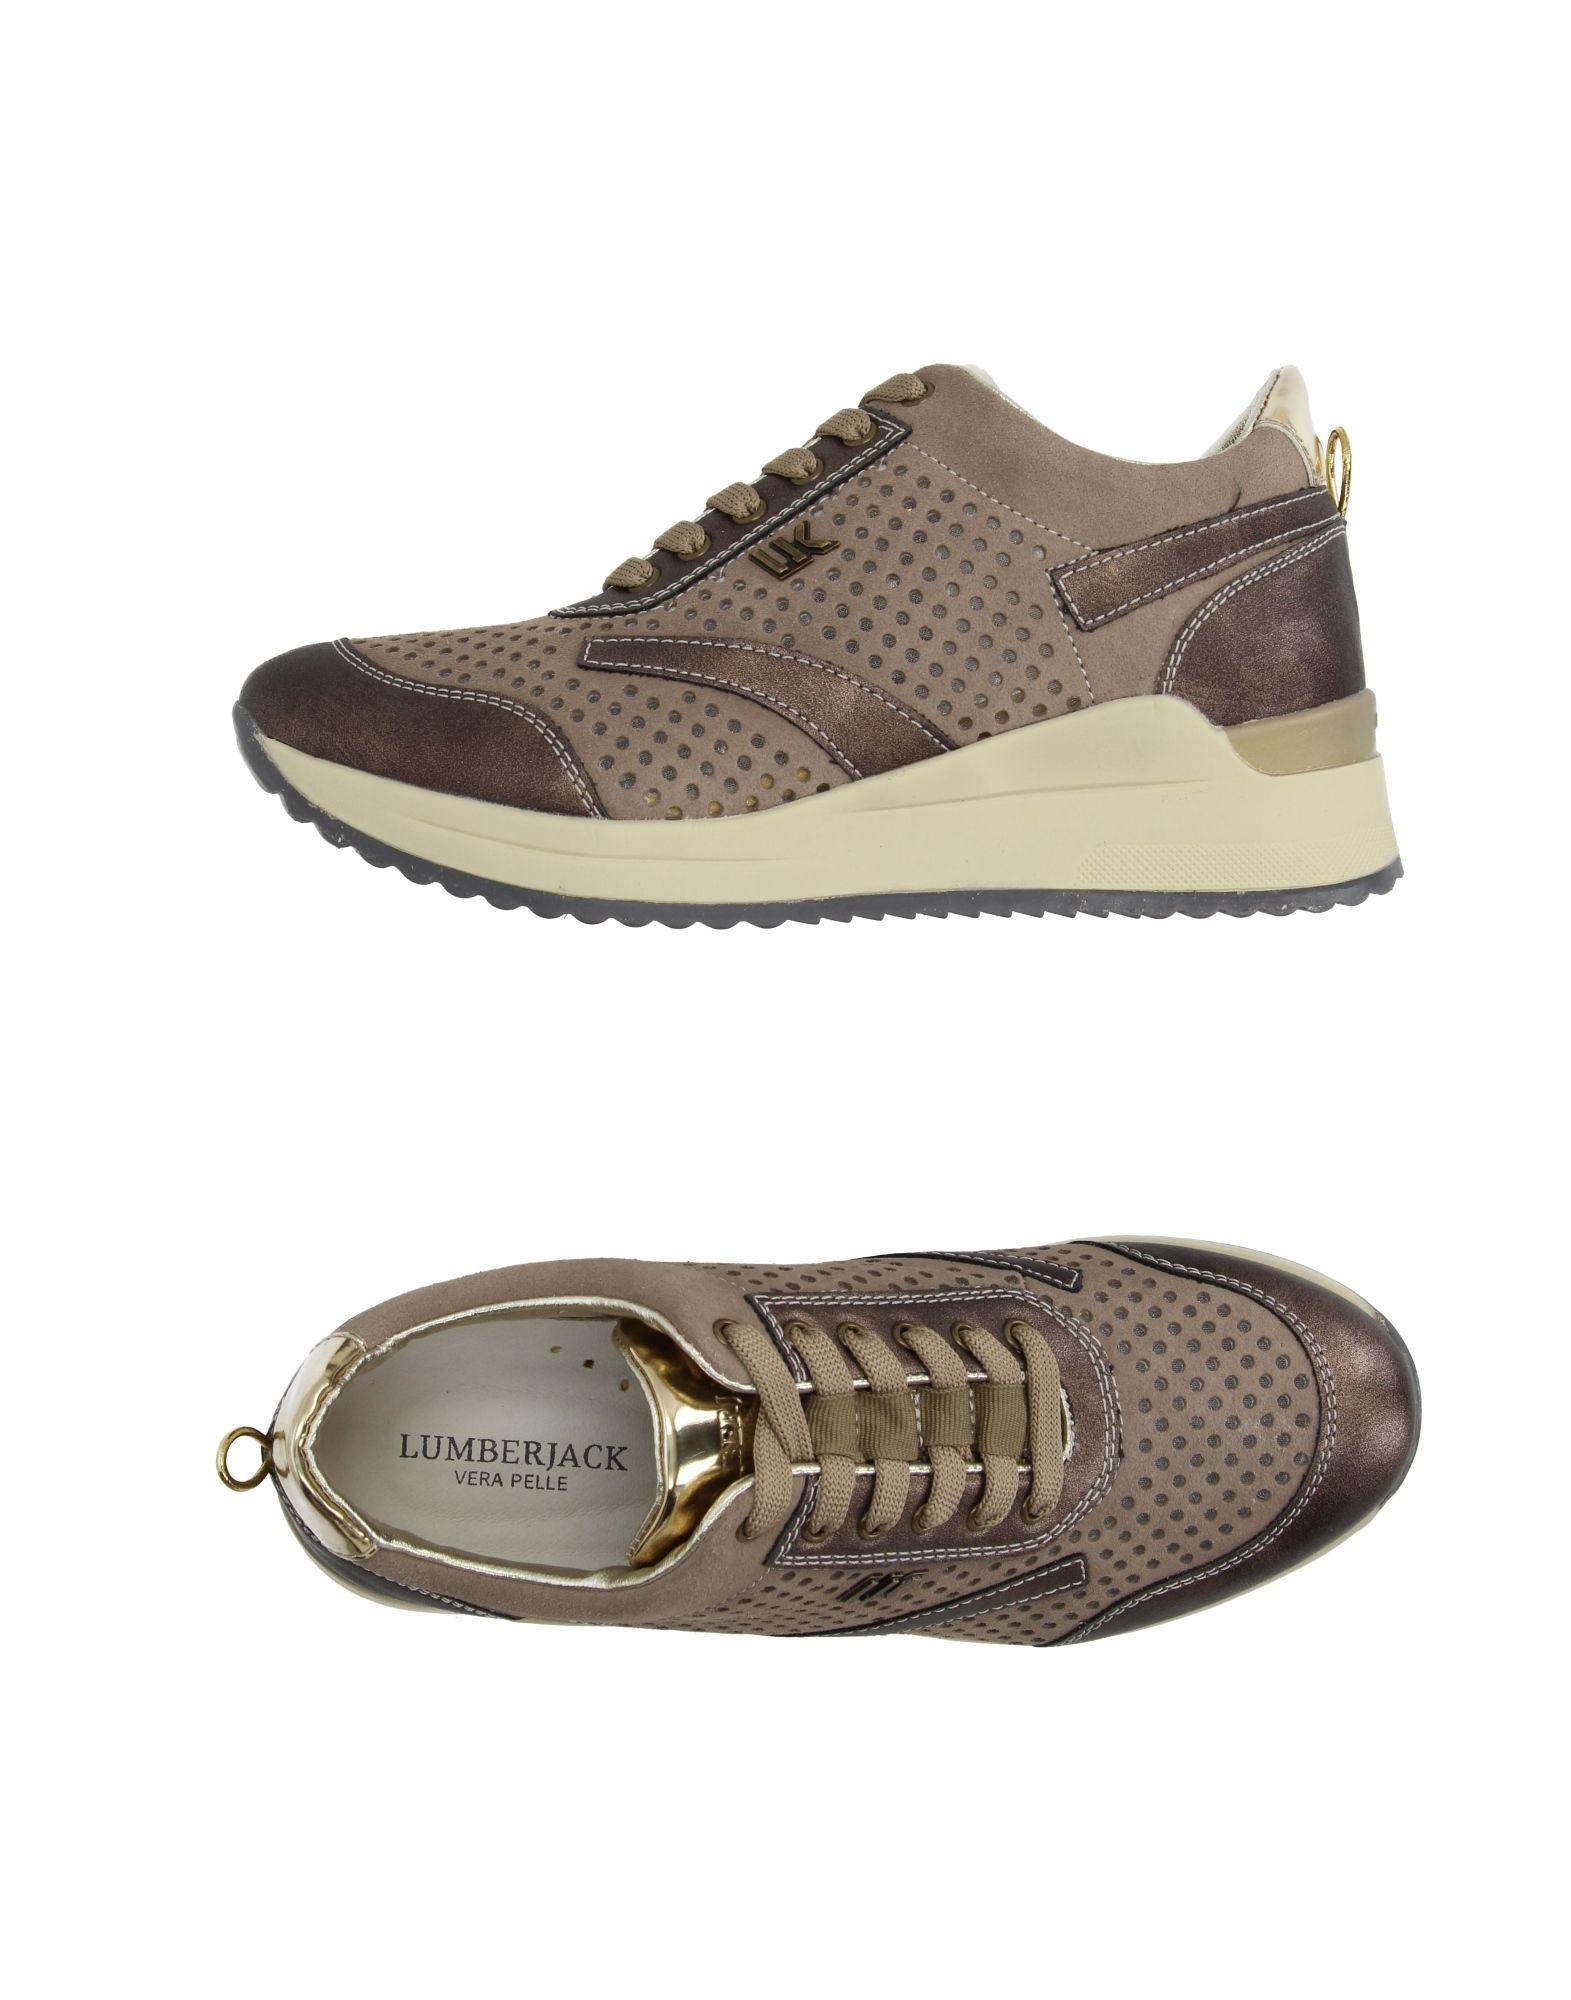 LUMBERJACK Damen Low Sneakers & Tennisschuhe Farbe Khaki Größe 5 jetztbilligerkaufen